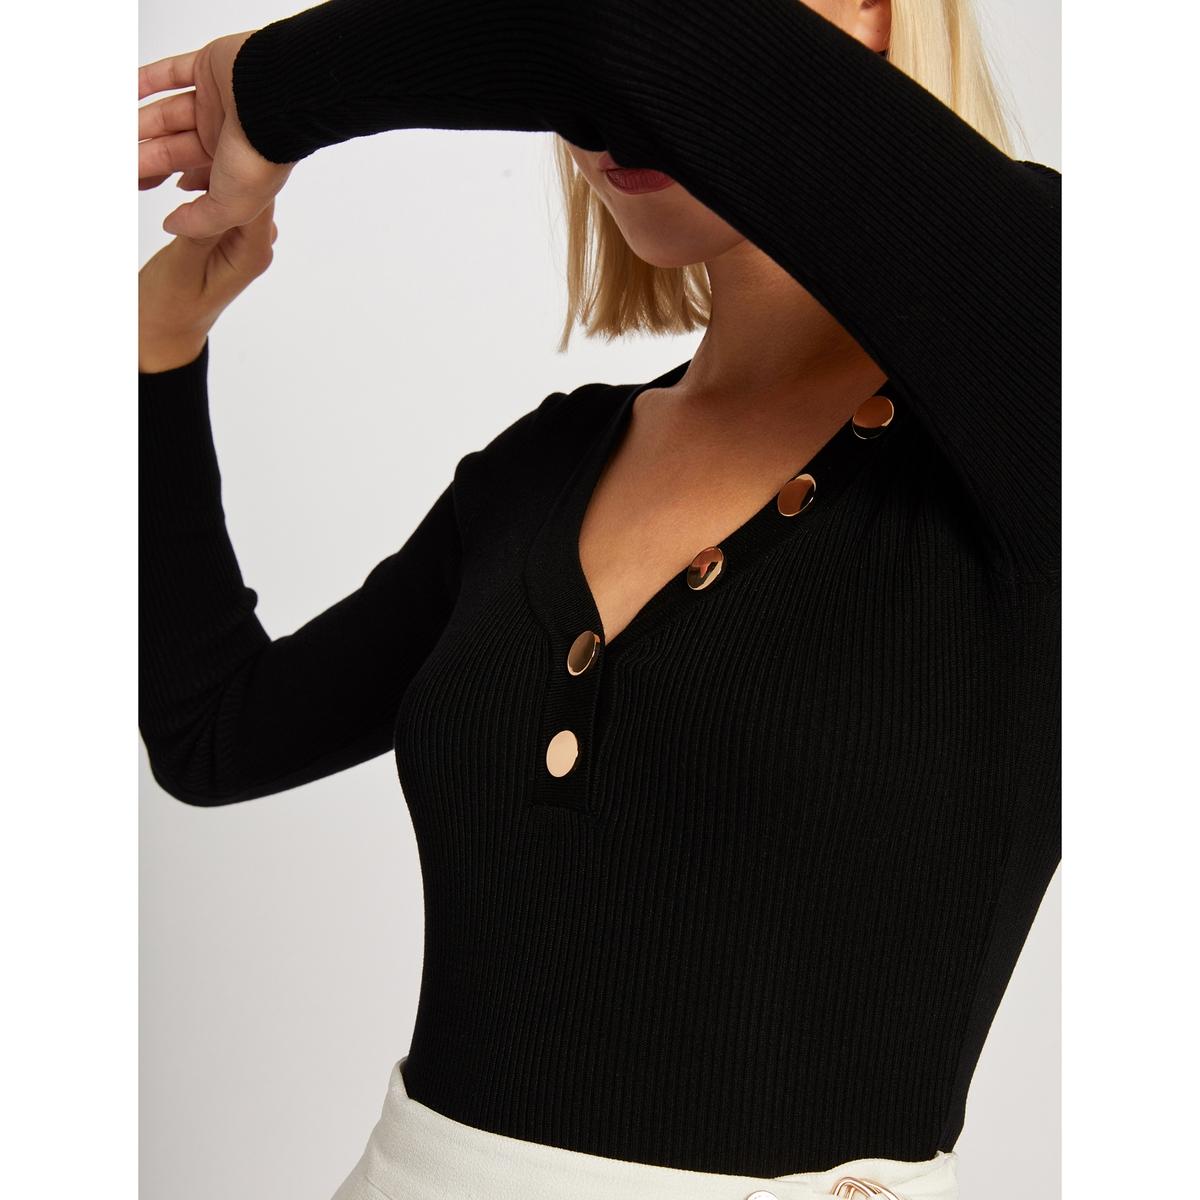 Пуловер La Redoute С V-образным вырезом с золотистыми пуговицами L черный цена 2017